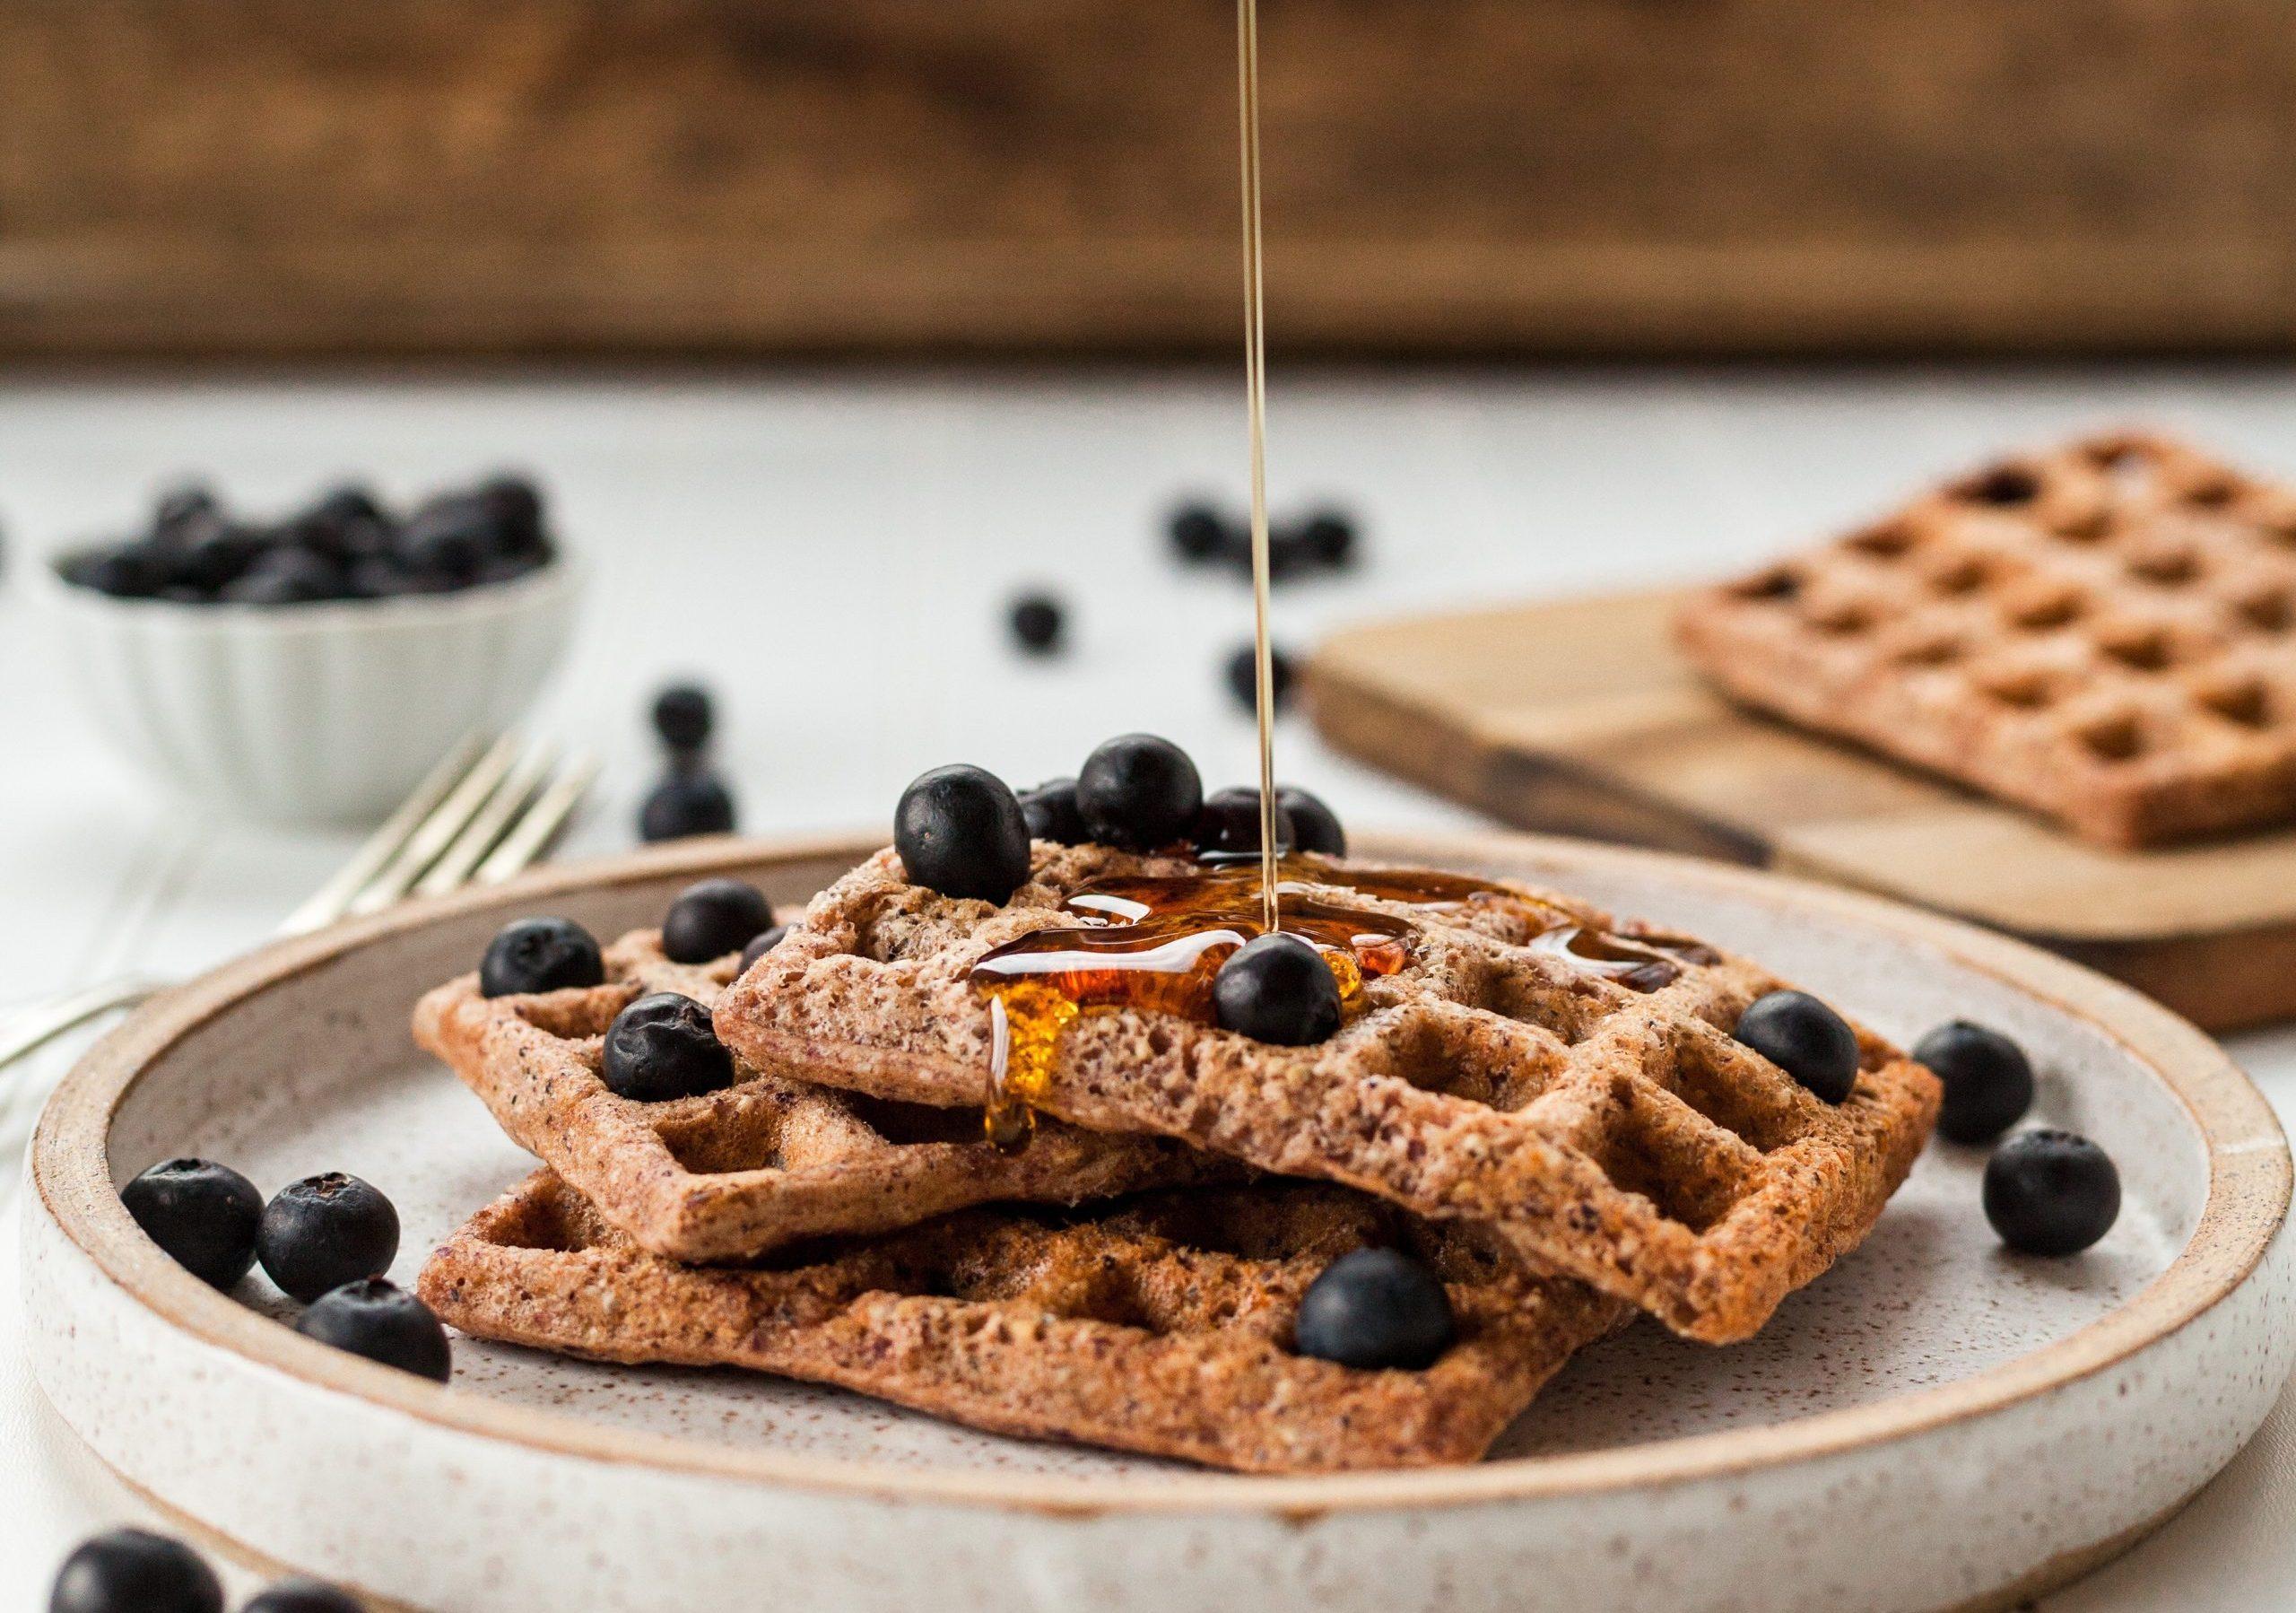 Wholegrain vegan waffles